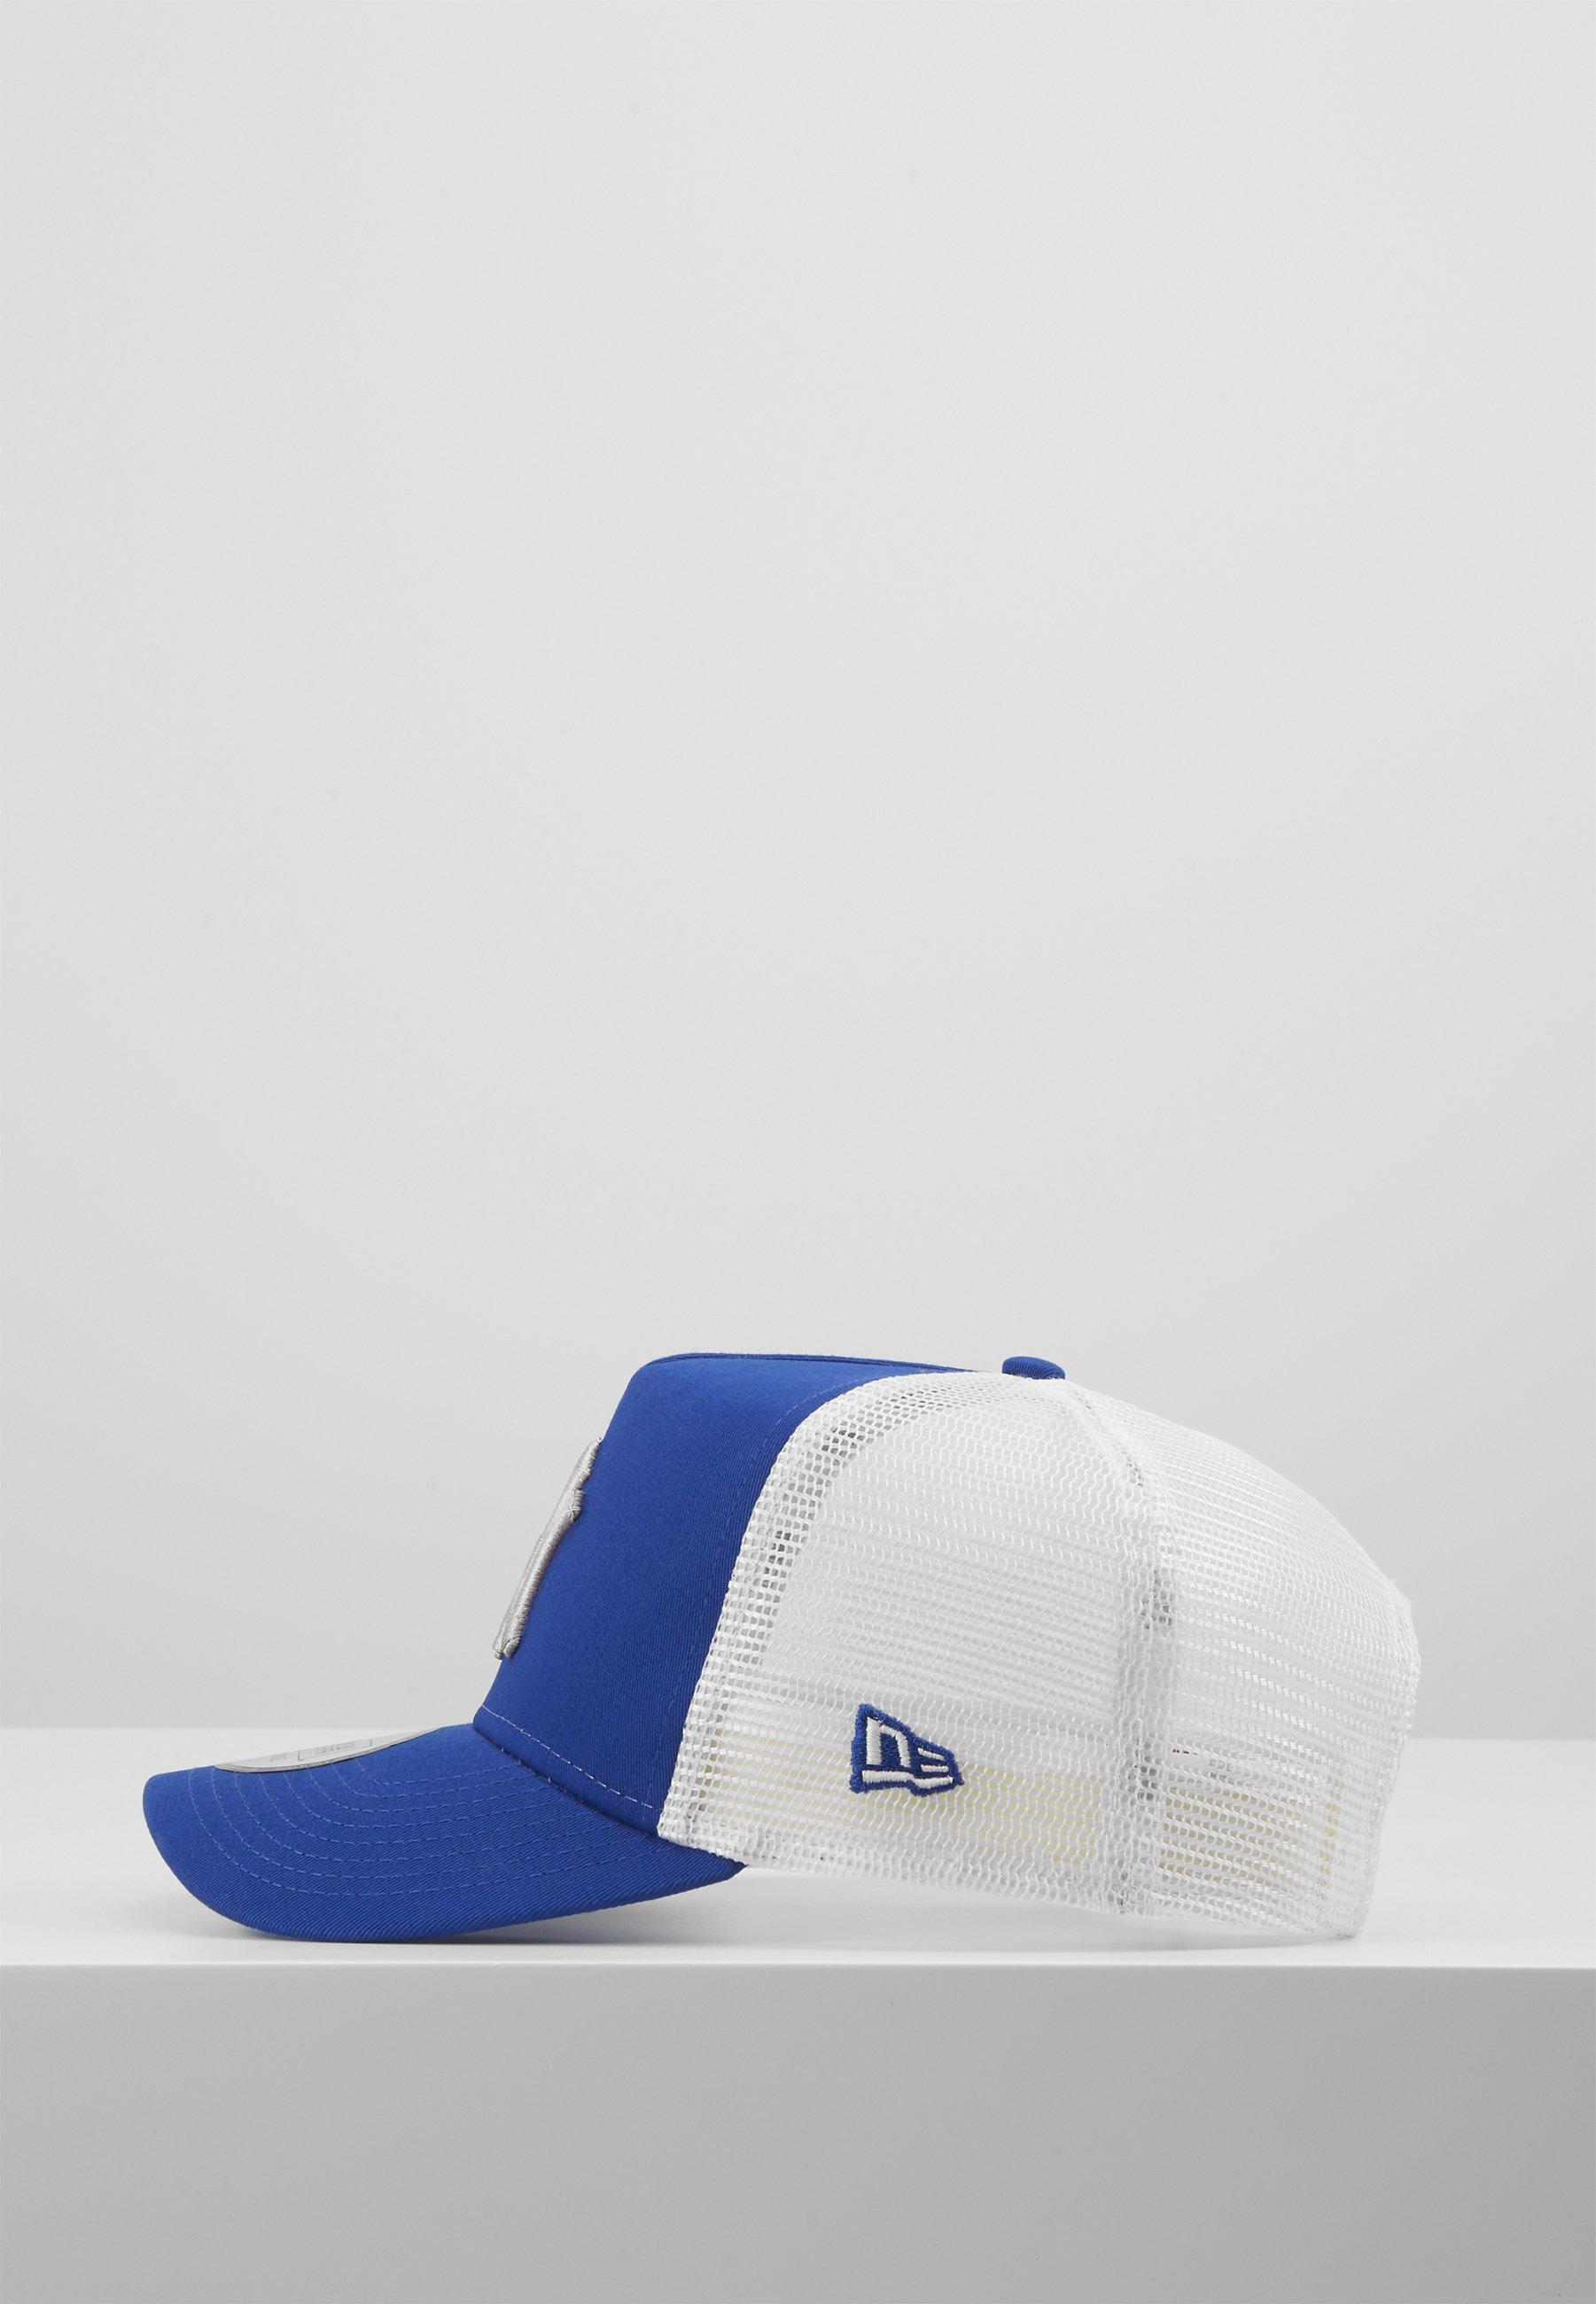 New Era LEAGUE ESSENTIAL TRUCKER - Cap - blue/blå 6nUM3XndZlsrGE2